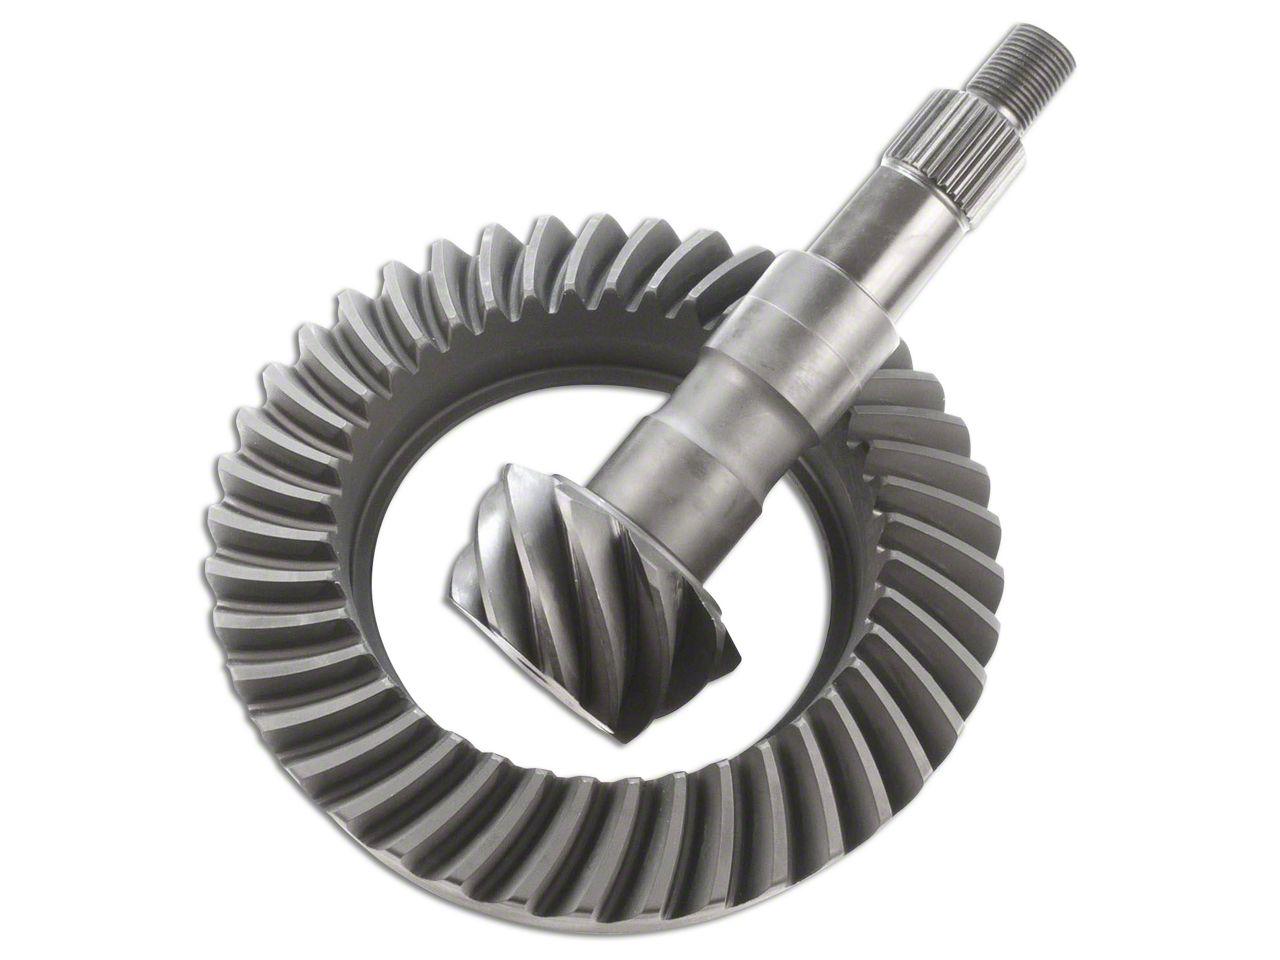 Motive 8.5 in. & 8.6 in. Rear Ring Gear and Pinion Kit - 4.30 Gears (07-13 Sierra 1500)